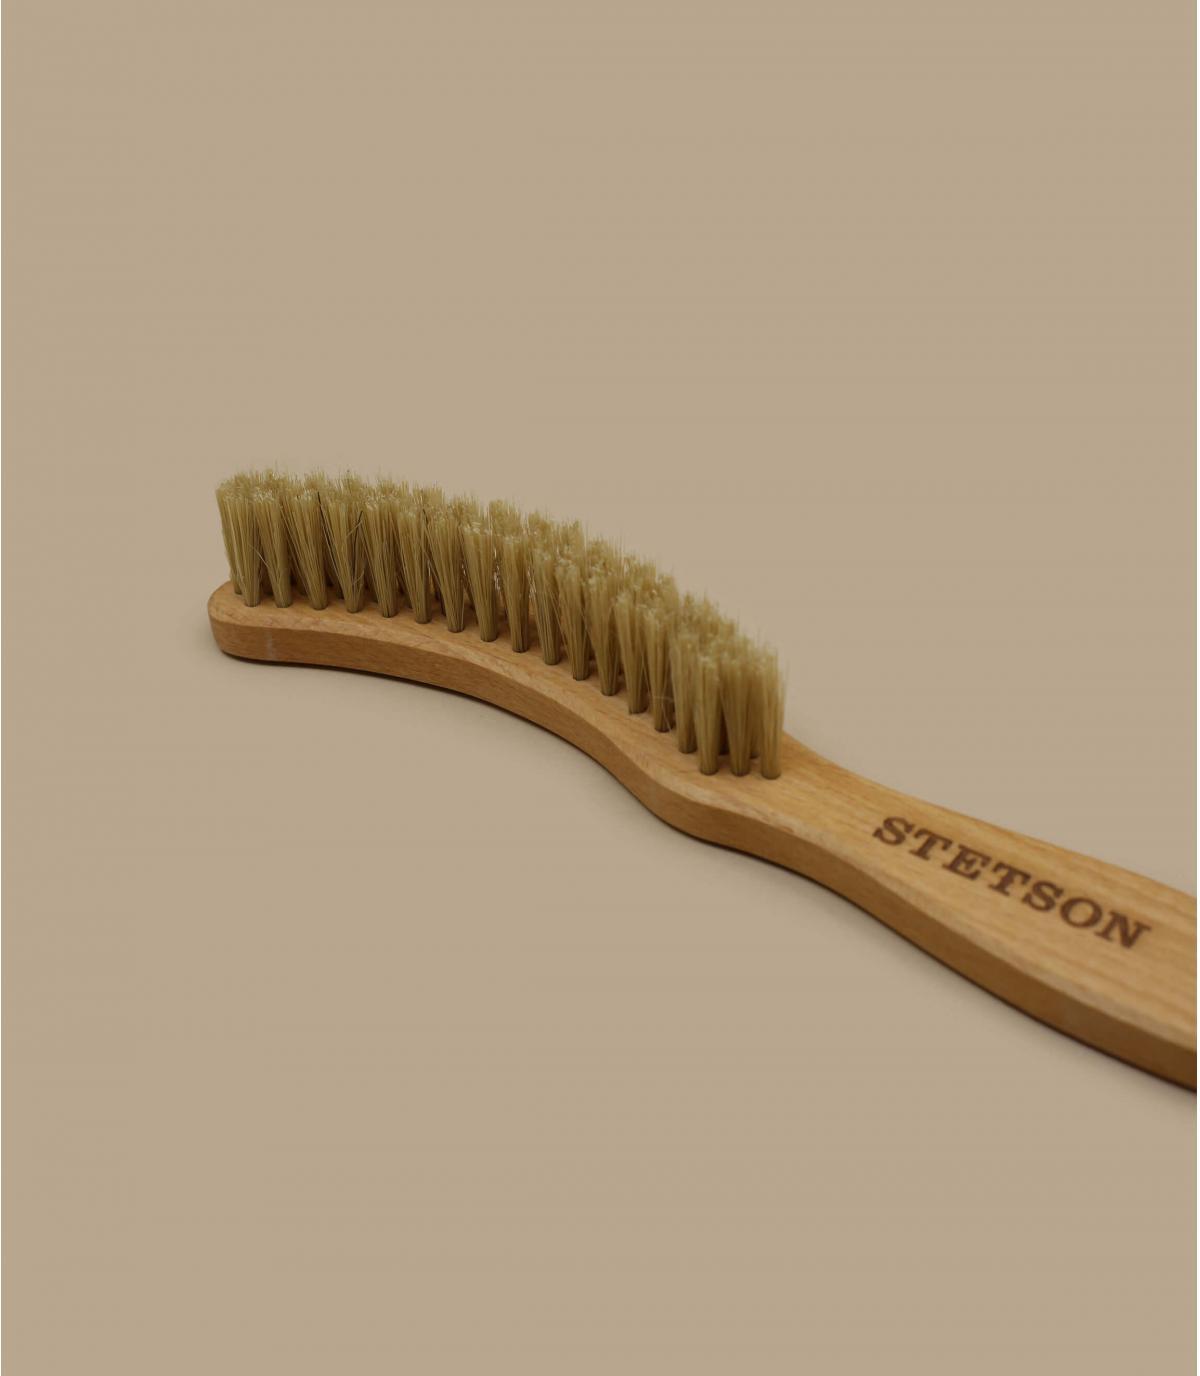 Detalles Brush imagen 2